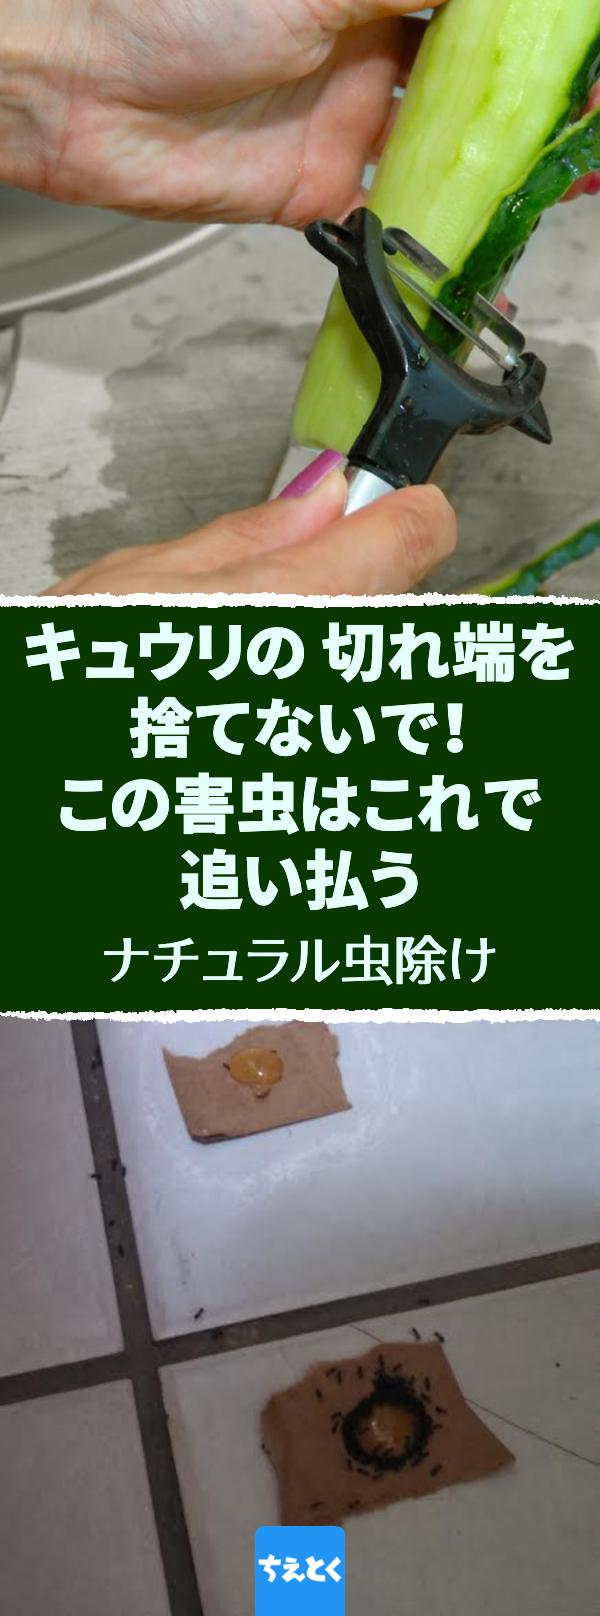 キュウリの切れ端を捨てないで この害虫はこれで追い払うことができる ナチュラル虫除け丨10の自然な方法でアリの侵入を防ぐ アリ 害虫 駆除 除去 きゅうり レモン 重曹 虫除け 虫除け 植物 虫除け 害虫